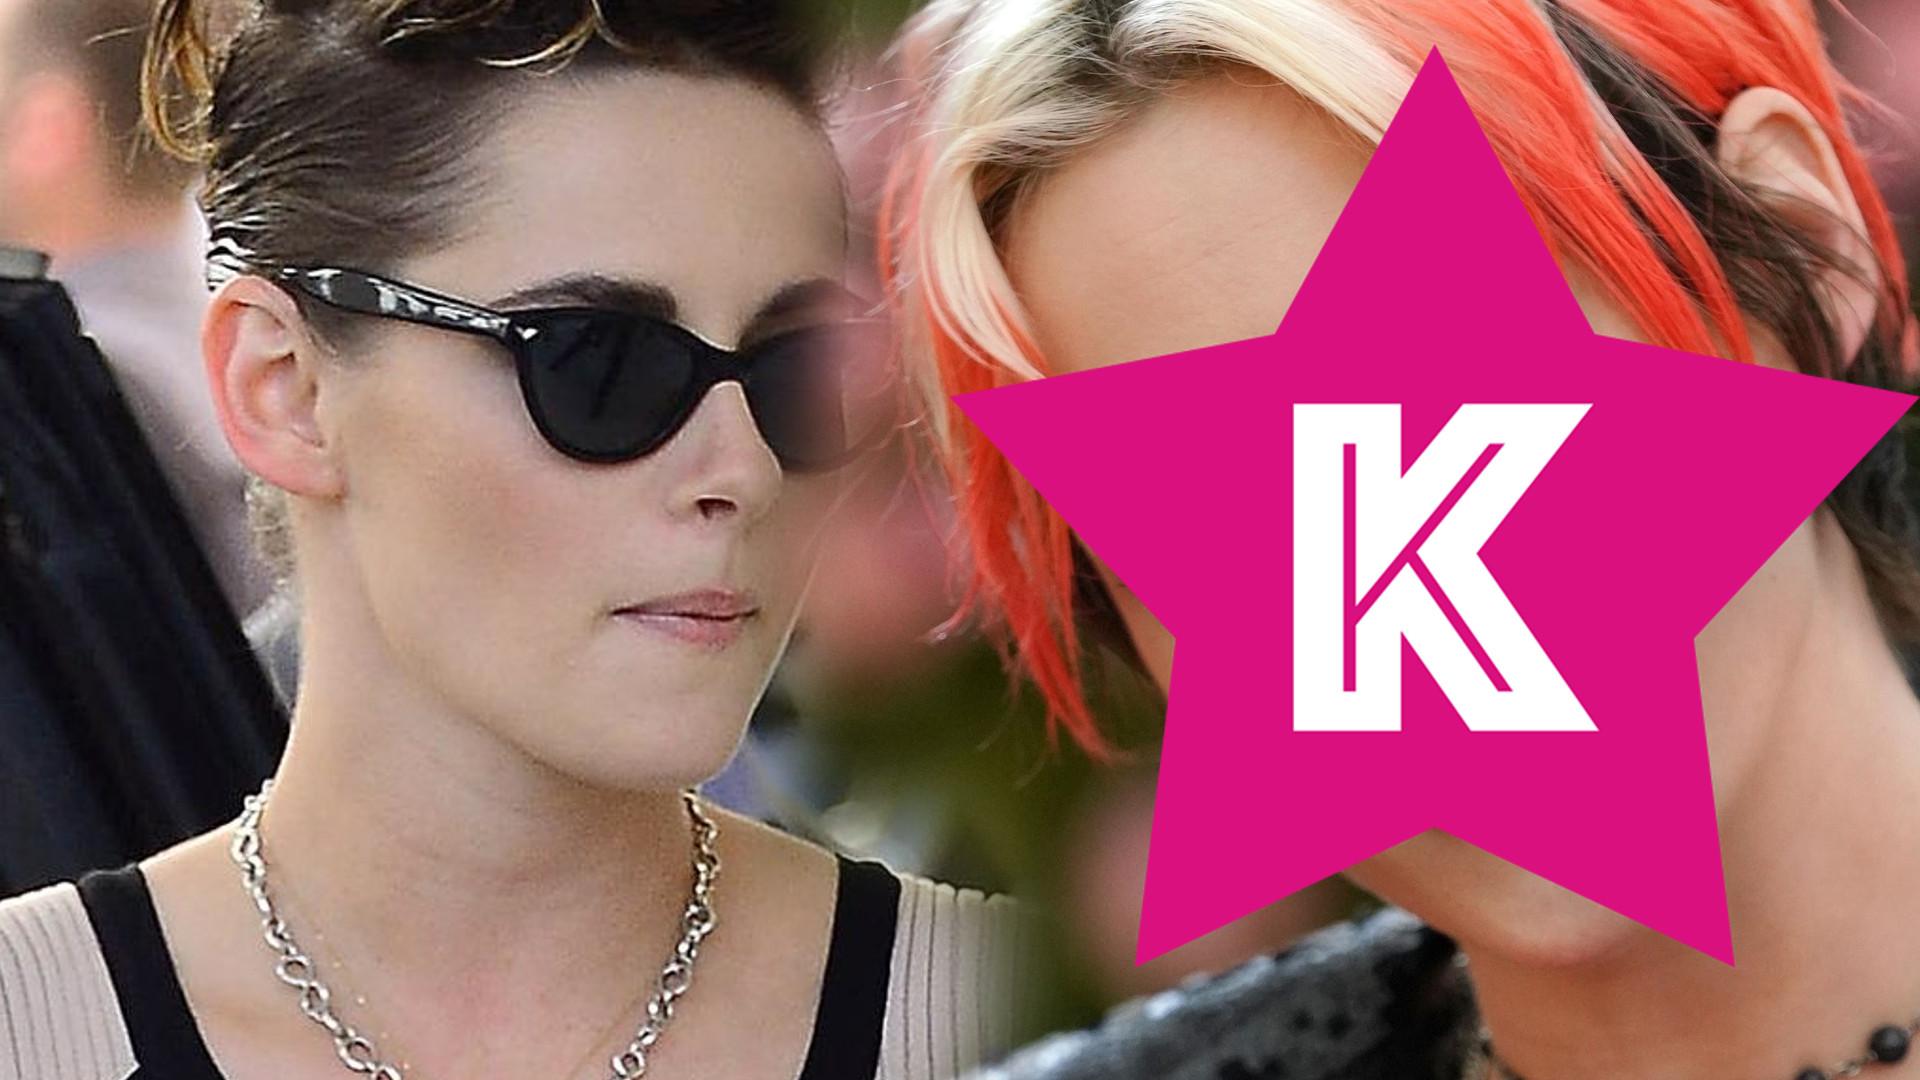 Co się stało z fryzurą Kristen Stewart?! Aktorka wygląda źle (ZDJĘCIA)